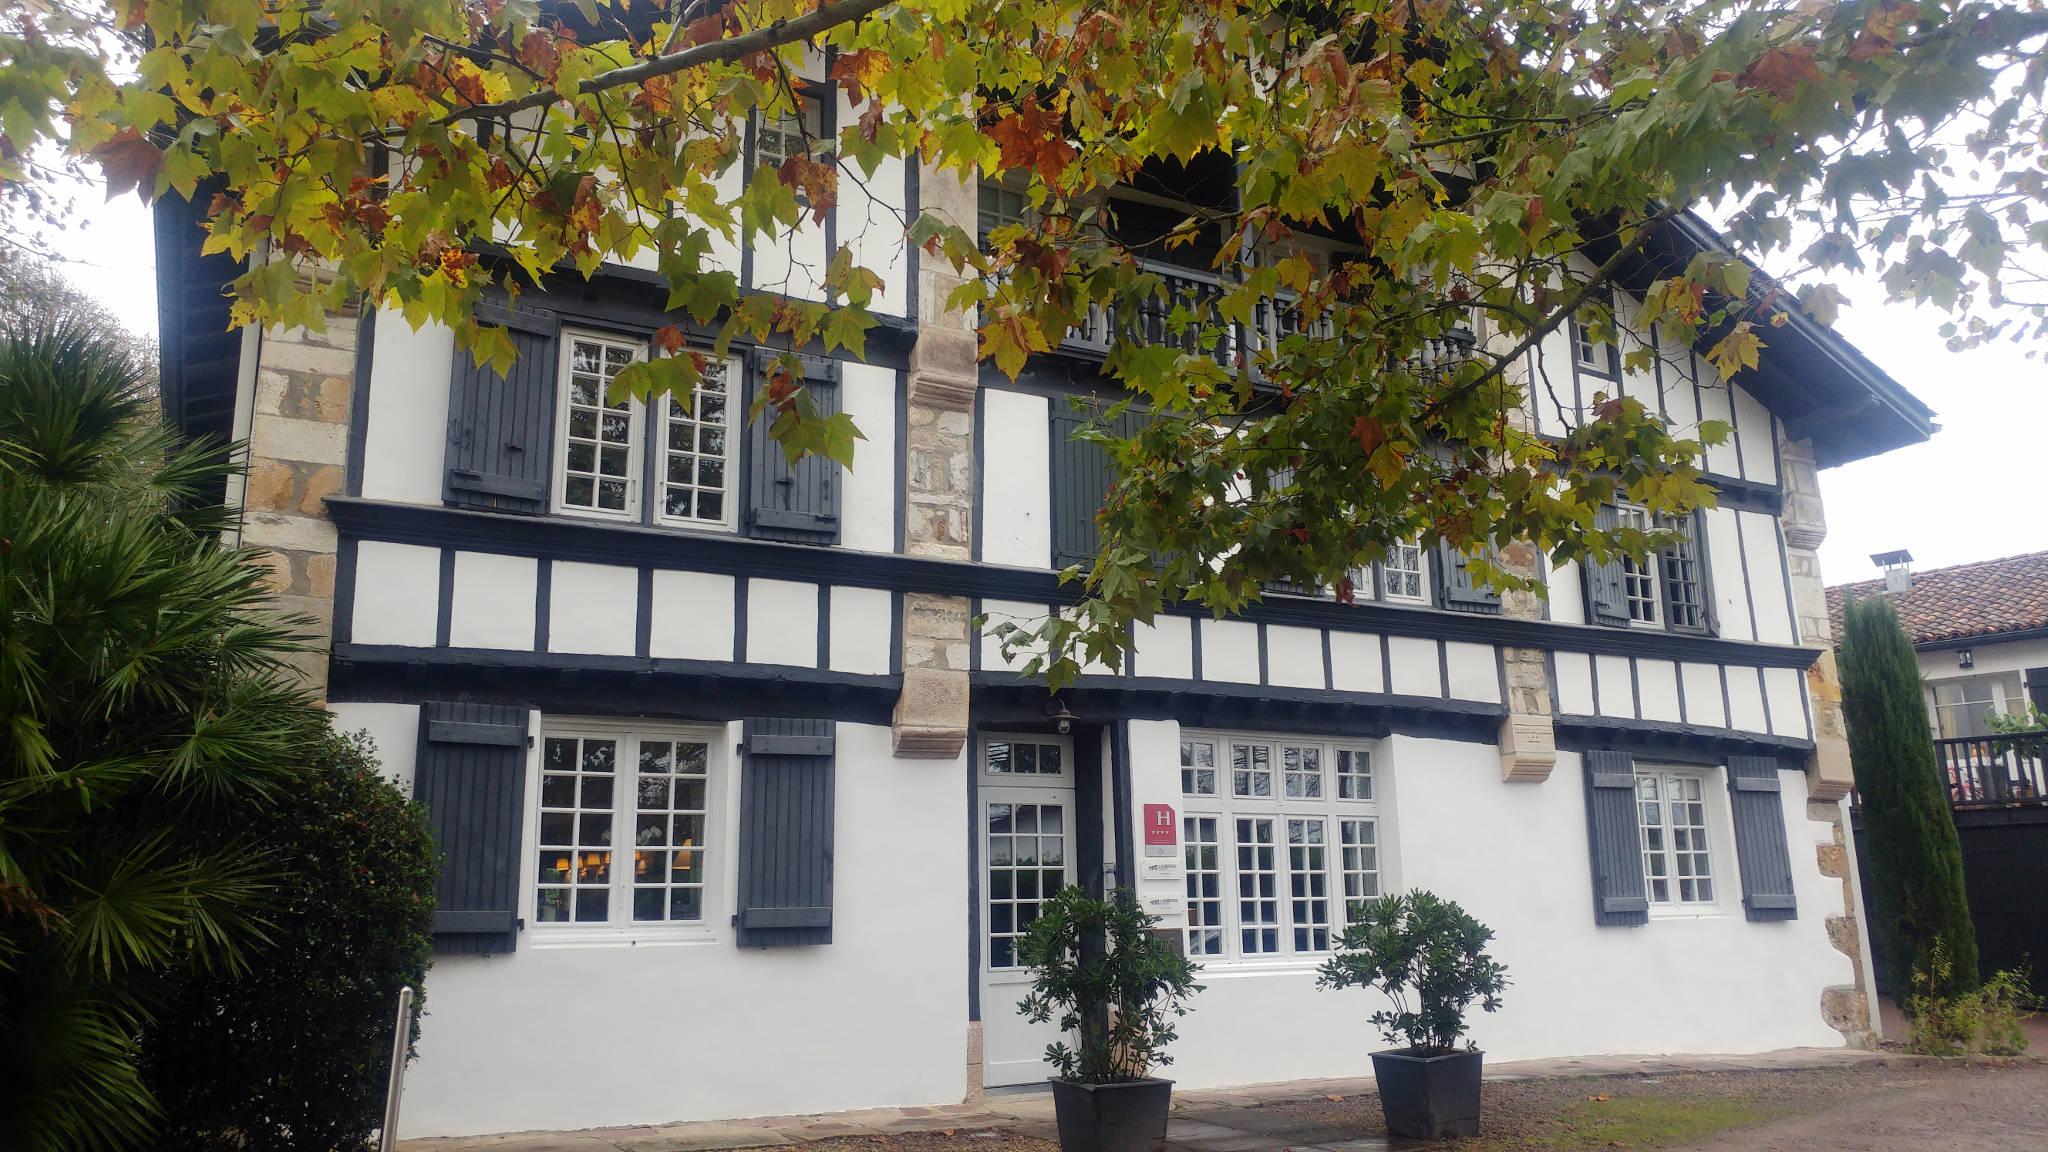 L'Auberge Basque à Saint-Pée-sur-Nivelle (64)